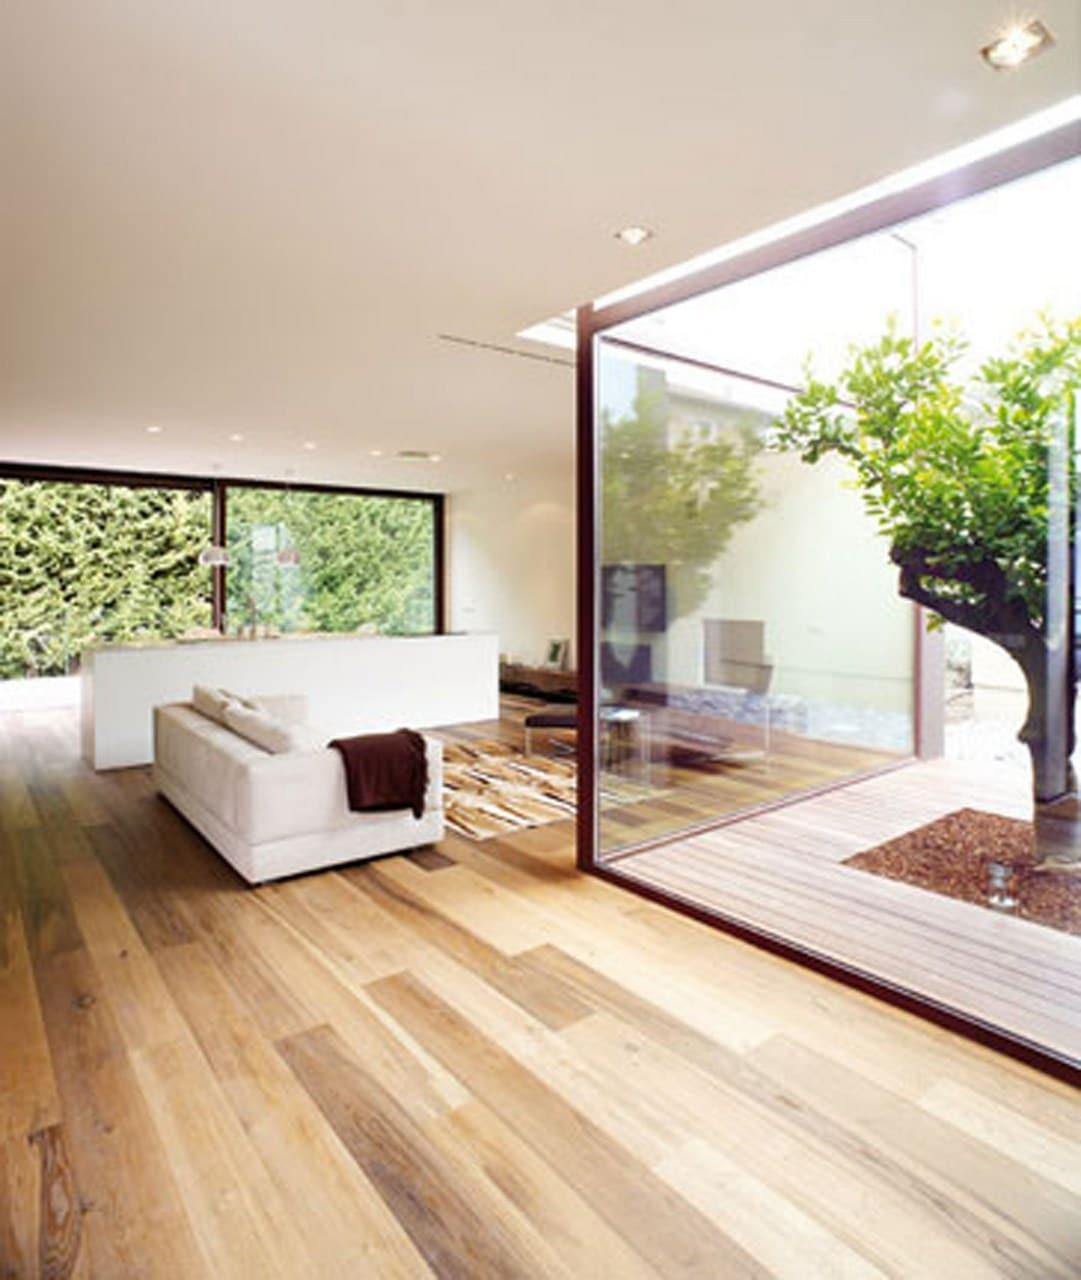 Planos de casa peque a de un piso con cerco perim trico - Decoracion en cristal interiores ...